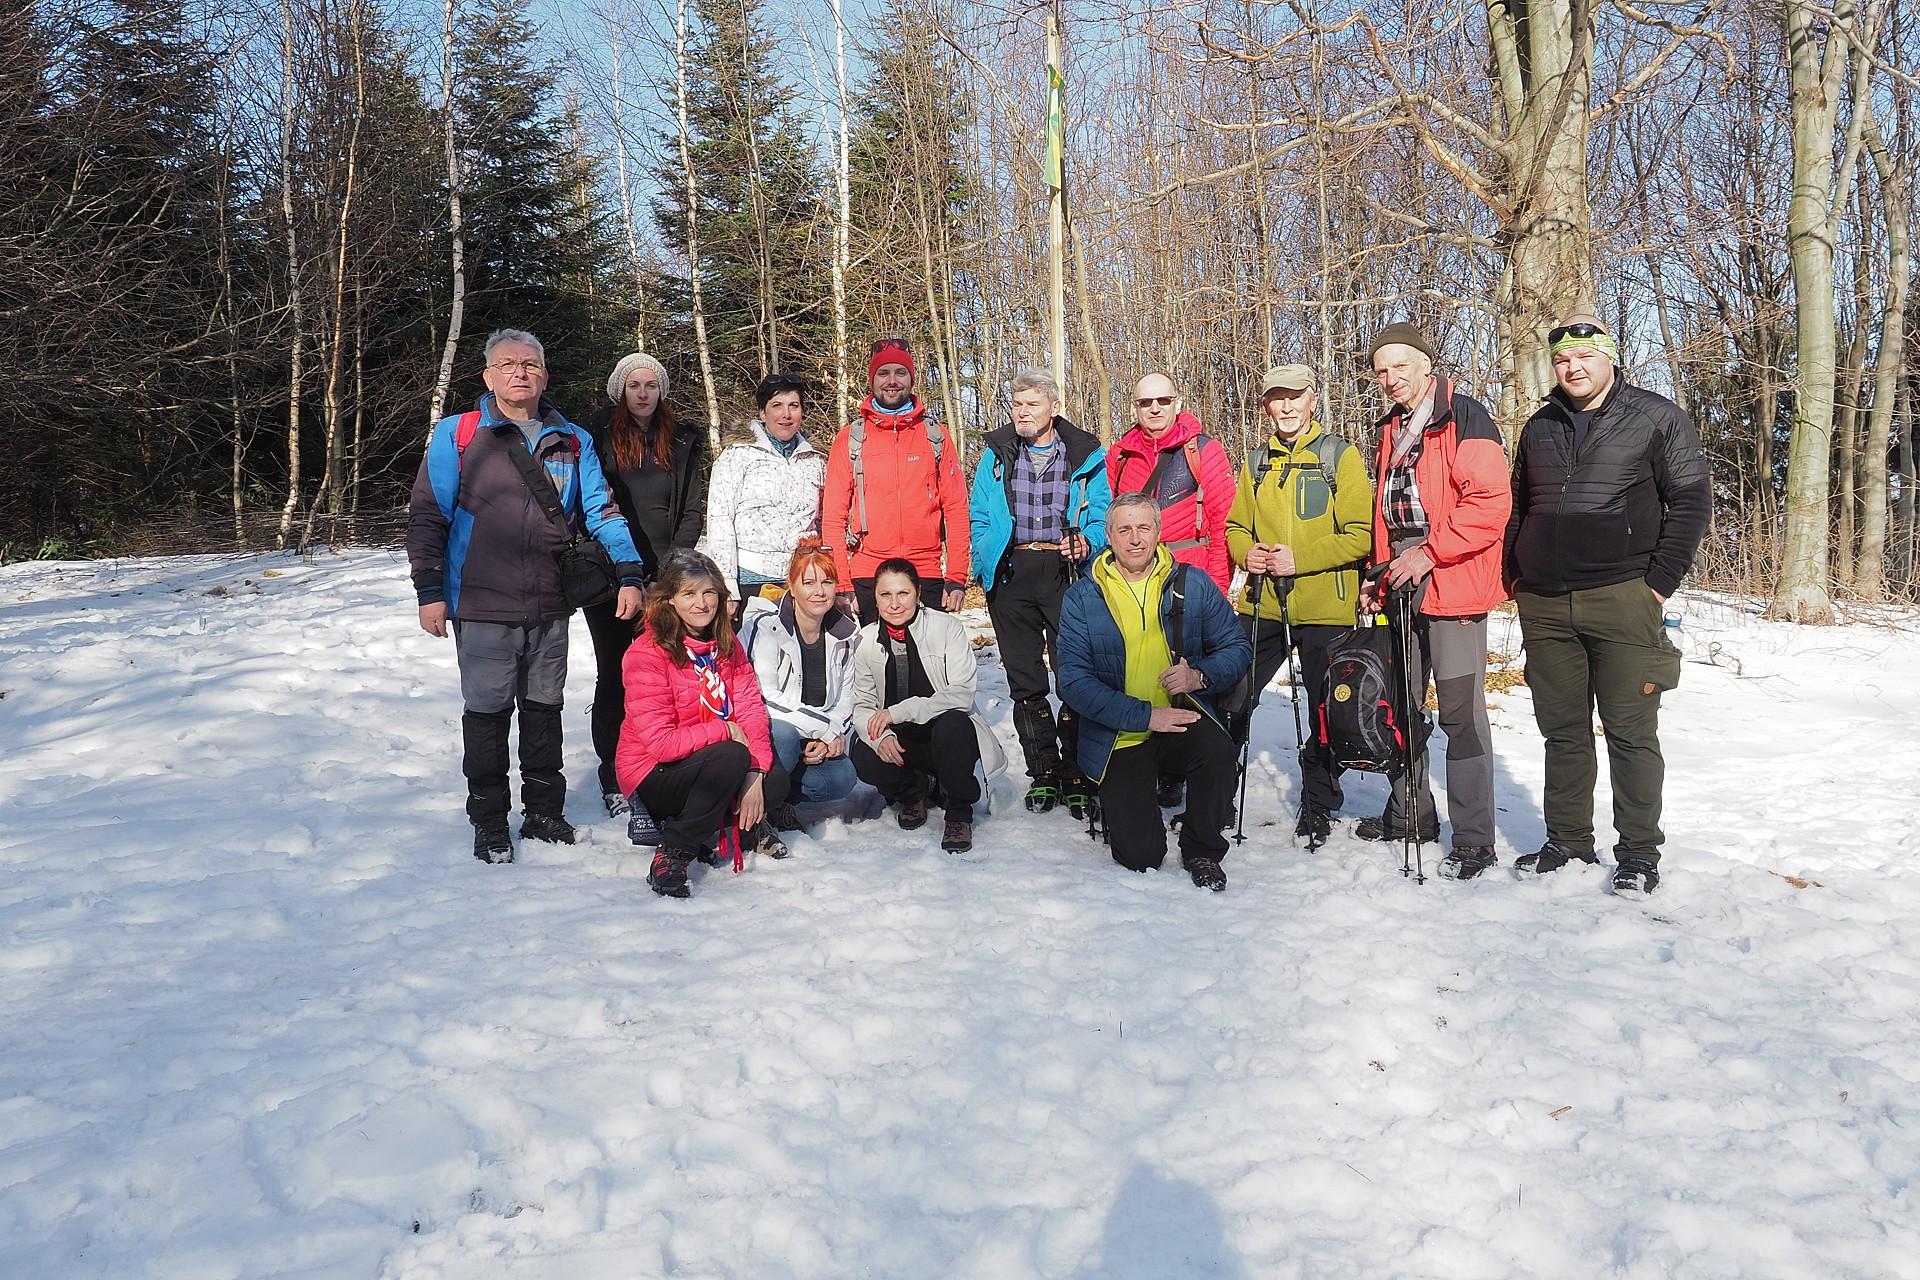 17.ročnik Primátorský výstup na Čiernu horu 1073m 15.2.2020 (foto Tokár)